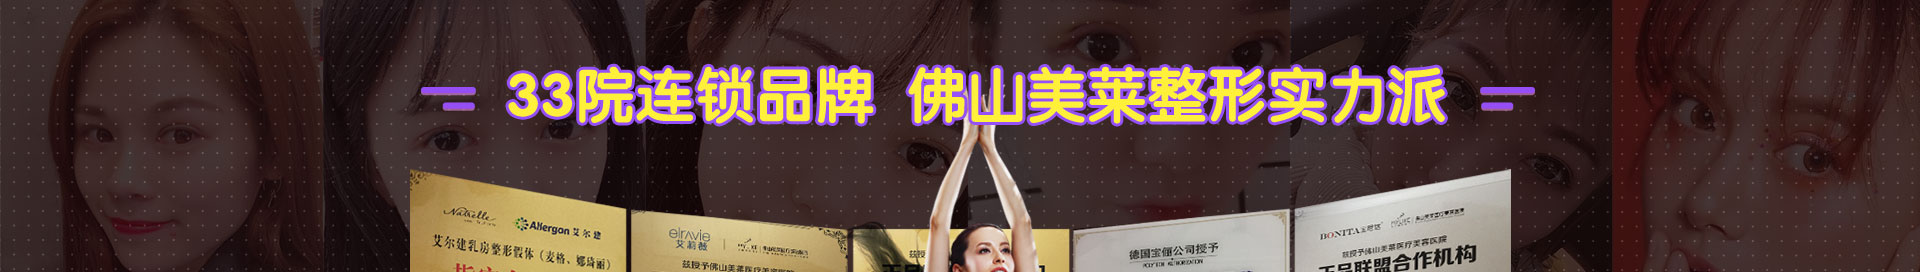 33院连锁品牌  龙8国际网址龙8国际娱乐游戏整形实力派